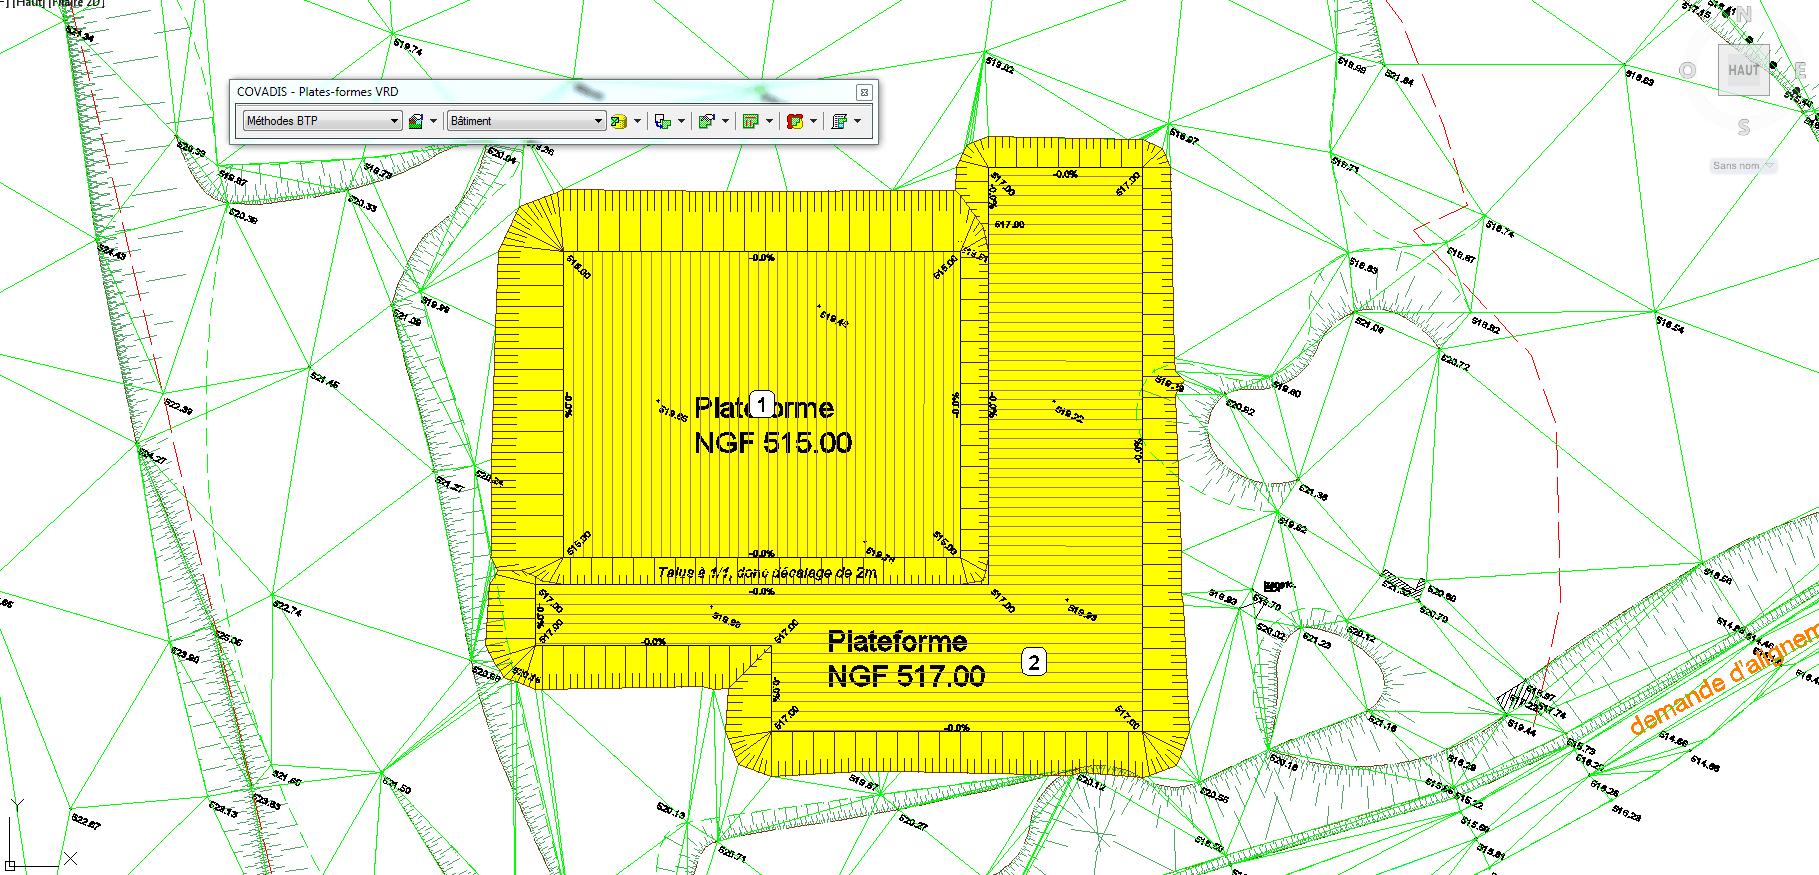 Le plan de terrassement m thodes btp for Dessiner un plan 2d